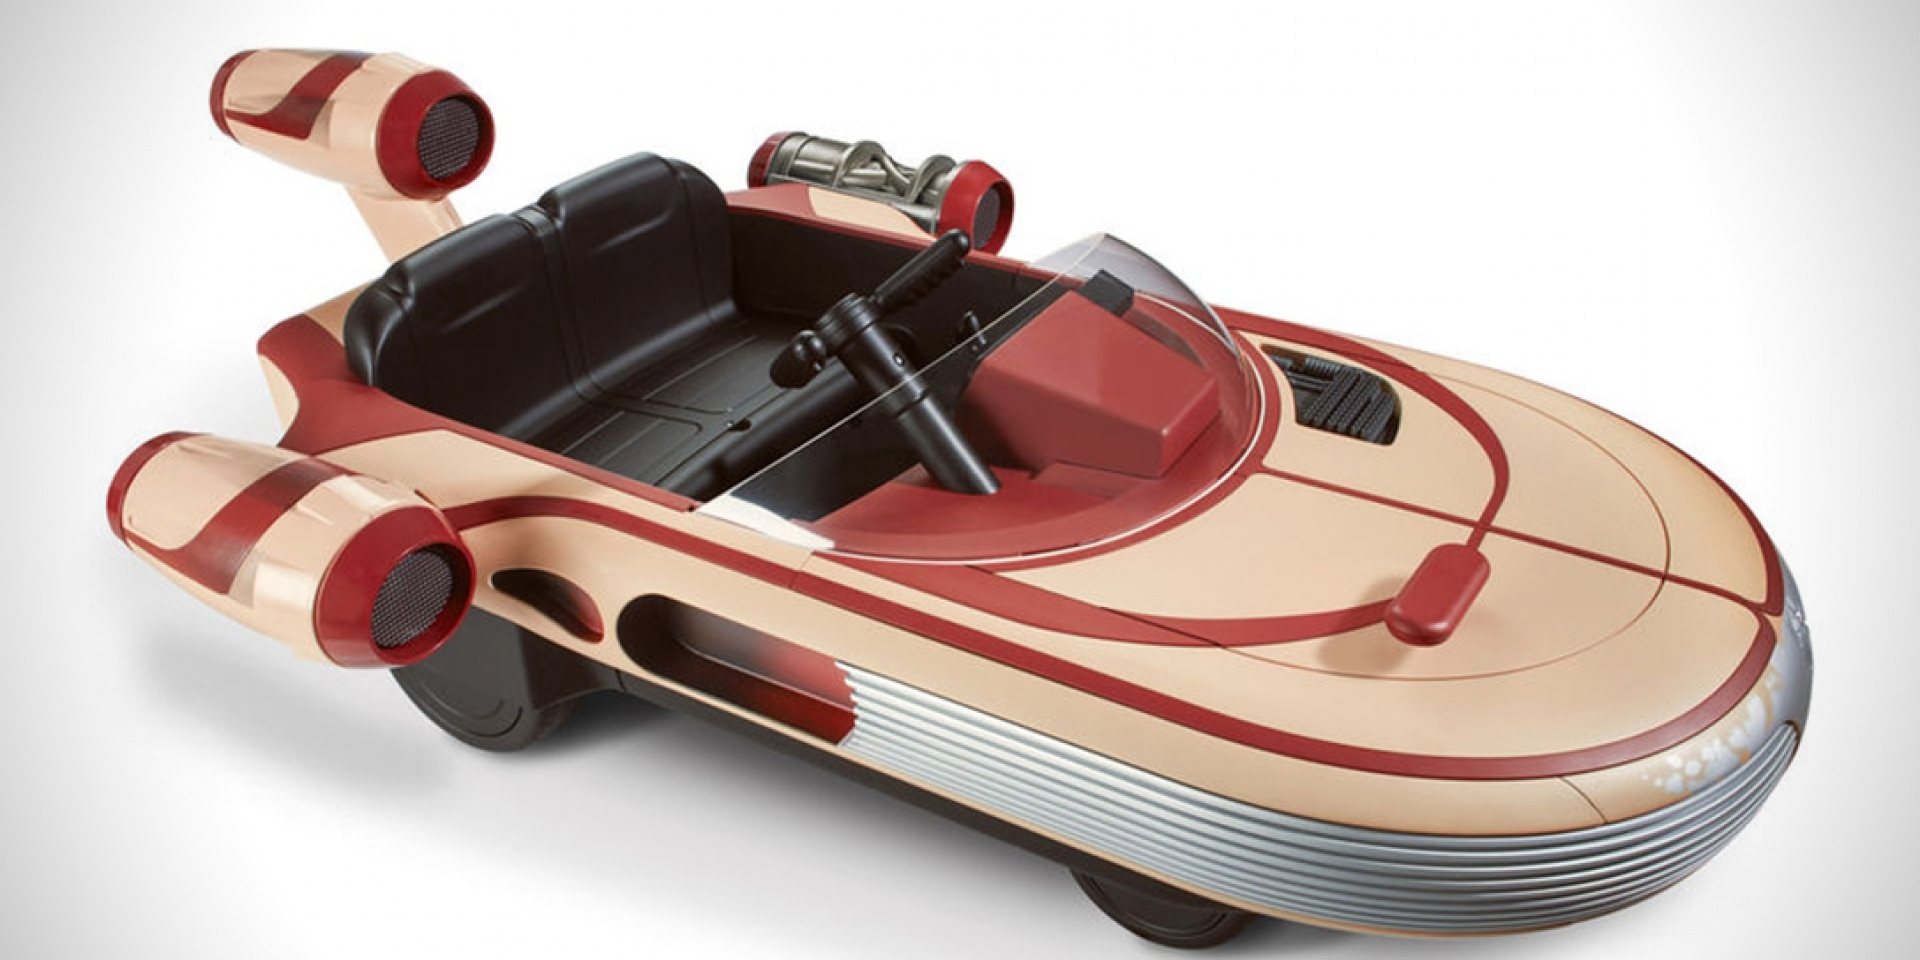 兒童版星戰飛艇。路克.天行者的LANDSPEEDER